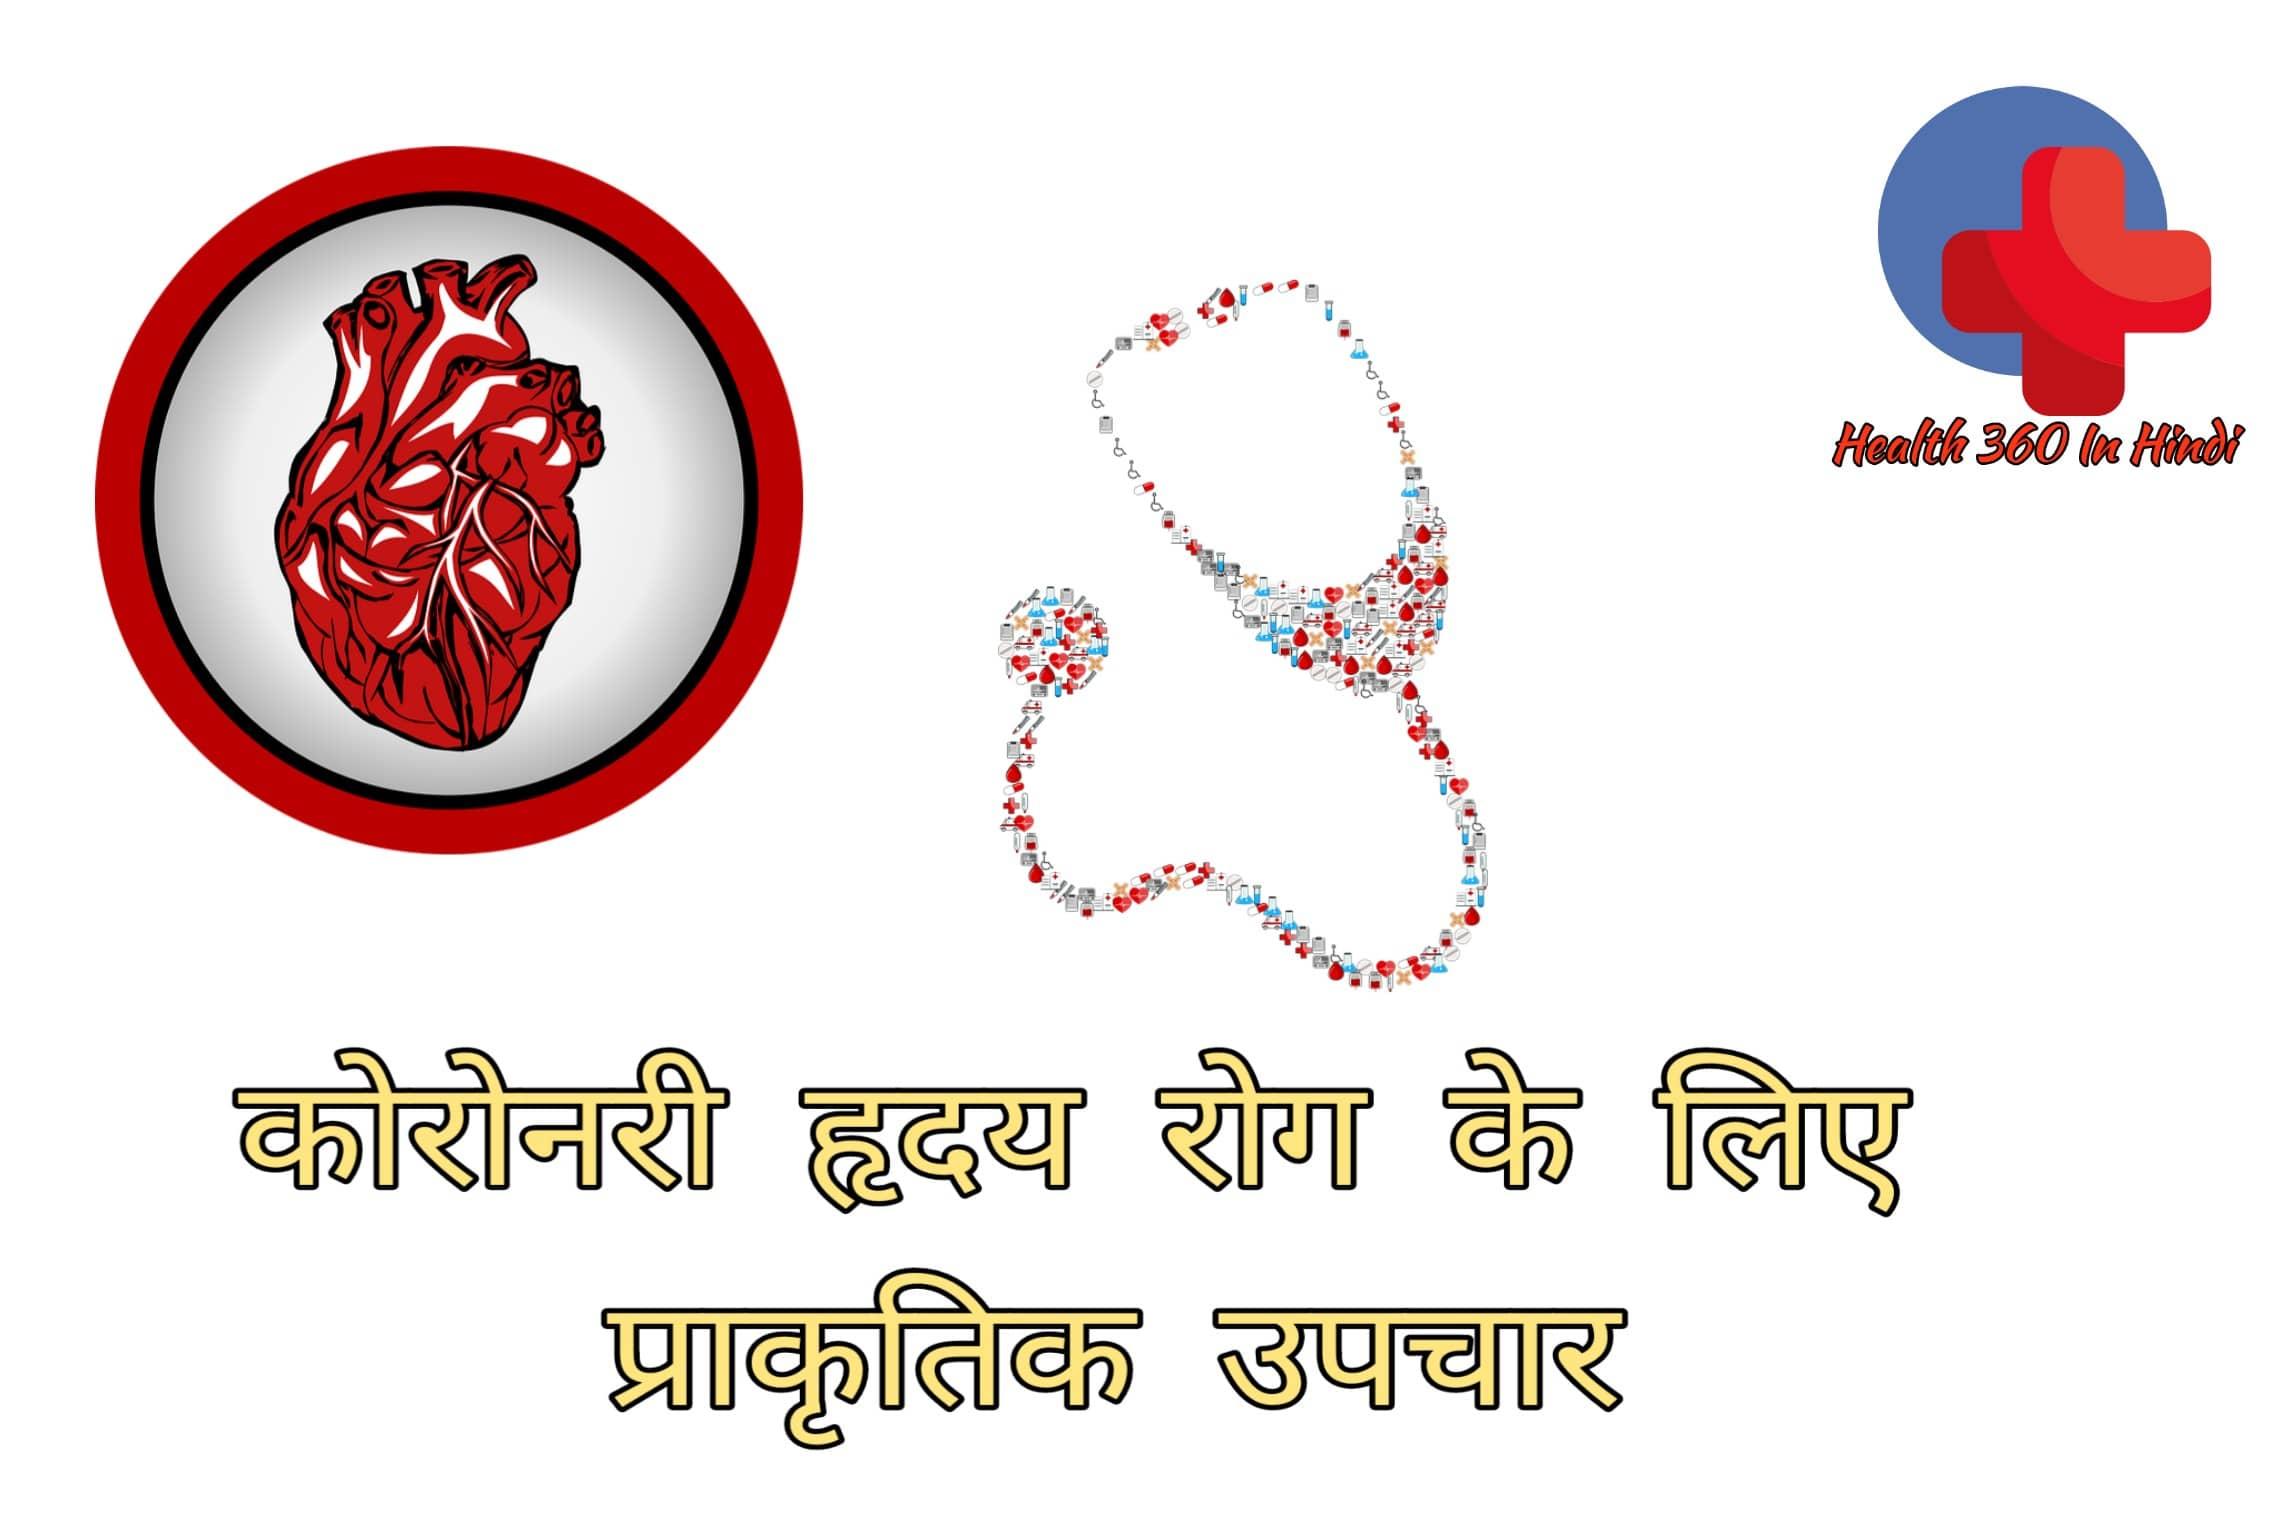 कोरोनरी हृदय रोग के लिए प्राकृतिक उपचार – Coronary Heart Disease in Hindi